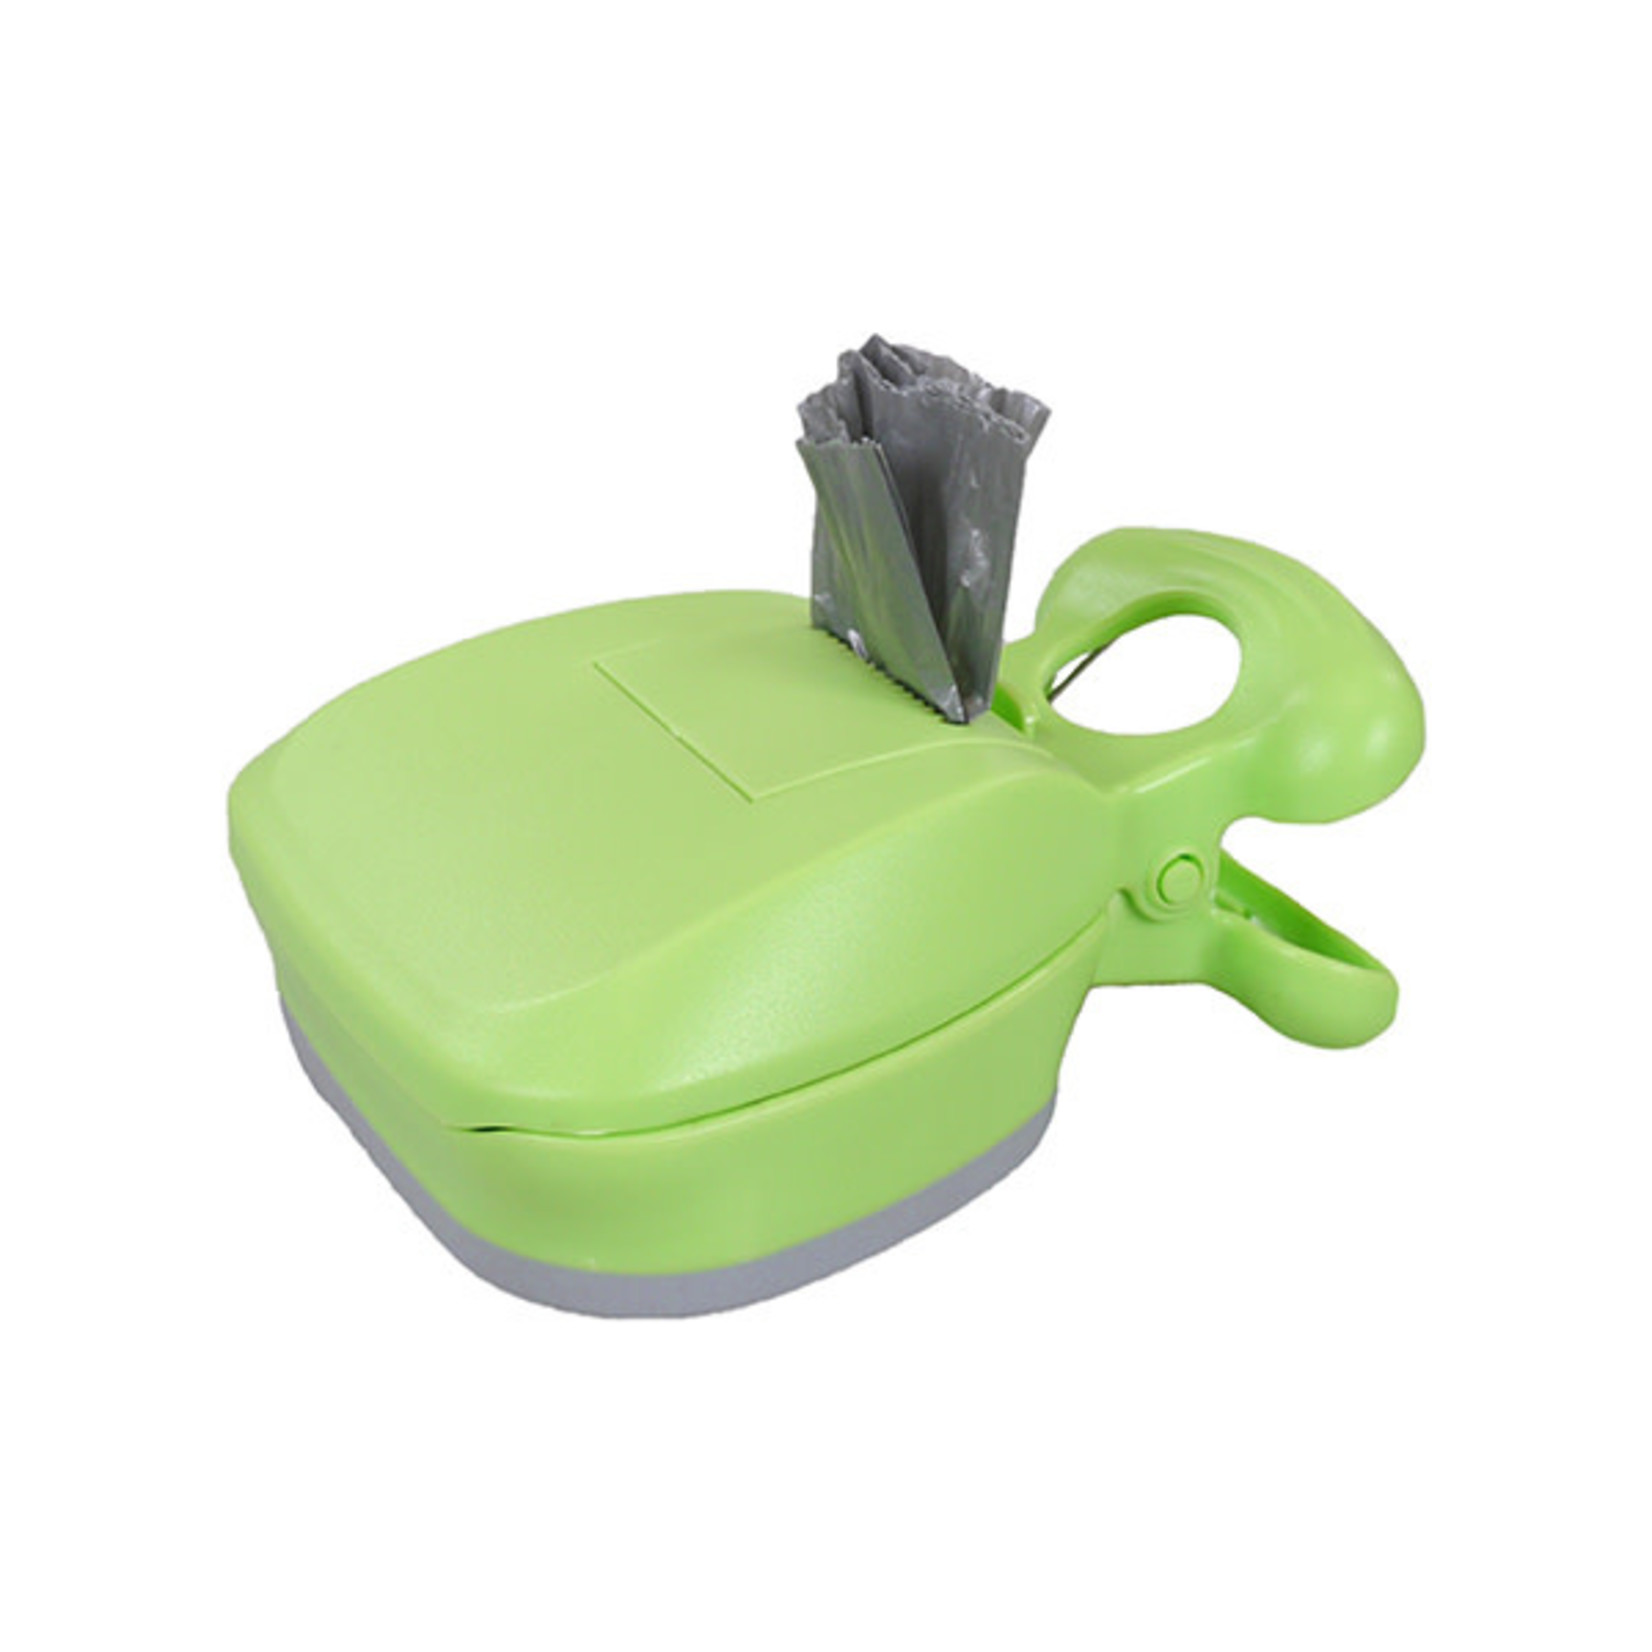 Rosewood Easy Pick Up Waste Poop Scooper